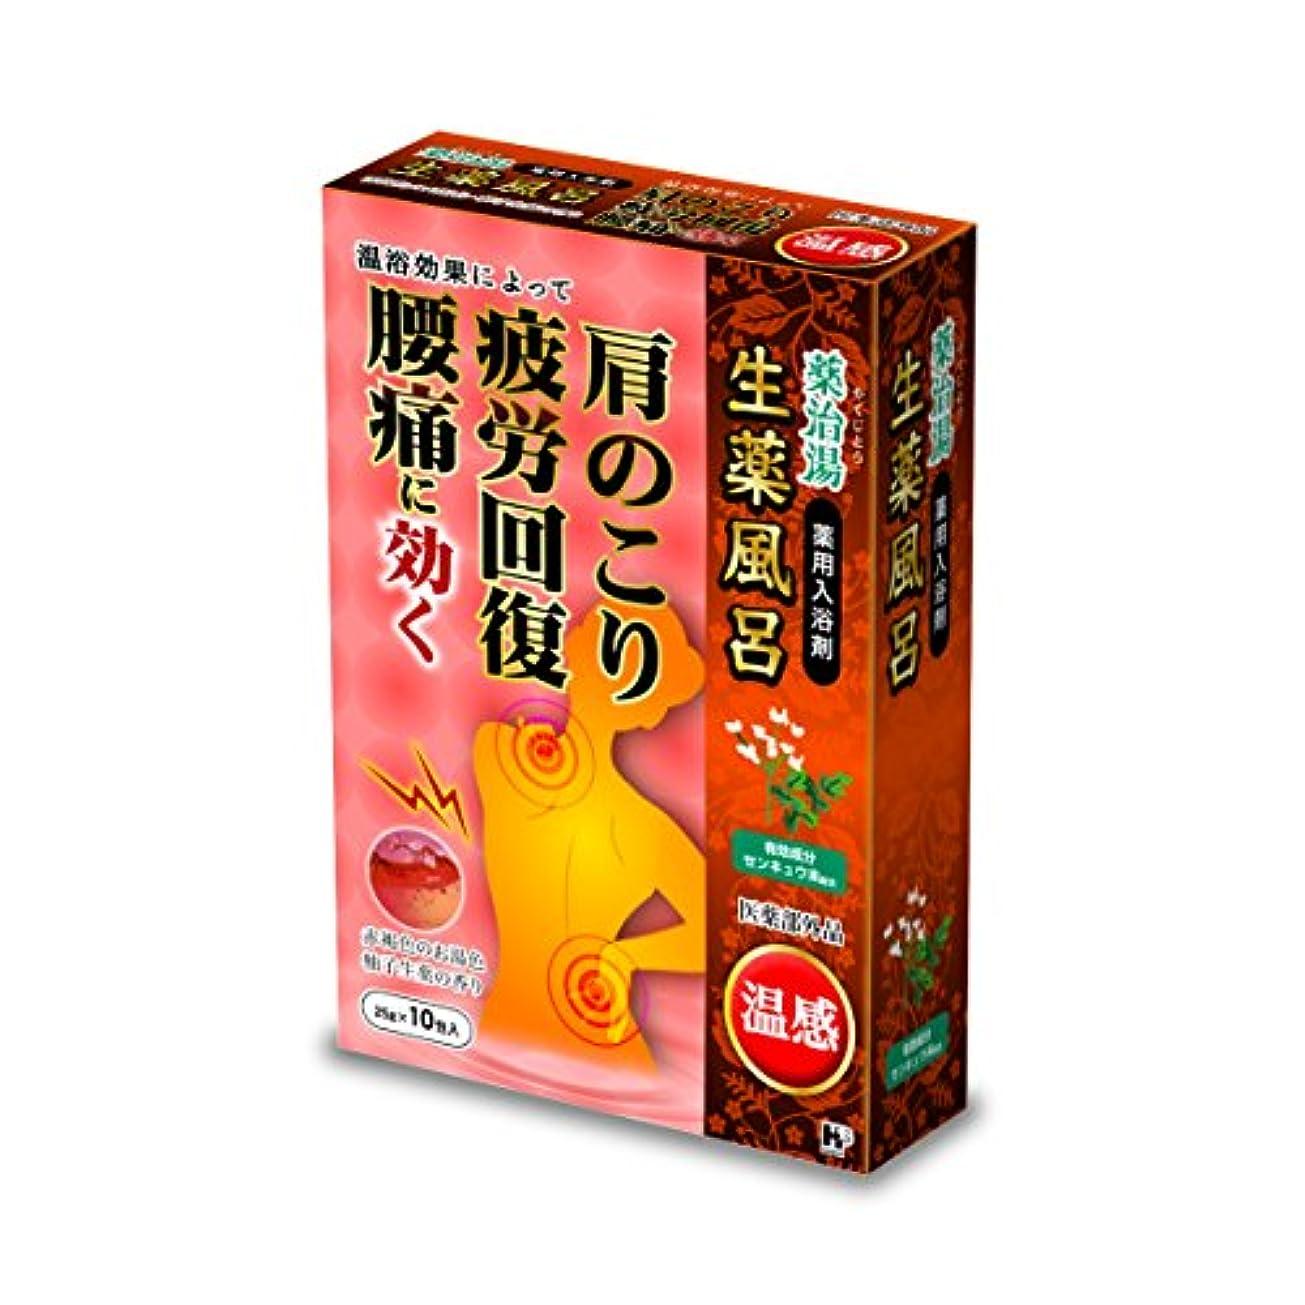 とは異なり対立レクリエーション薬治湯温感 柚子生薬の香り